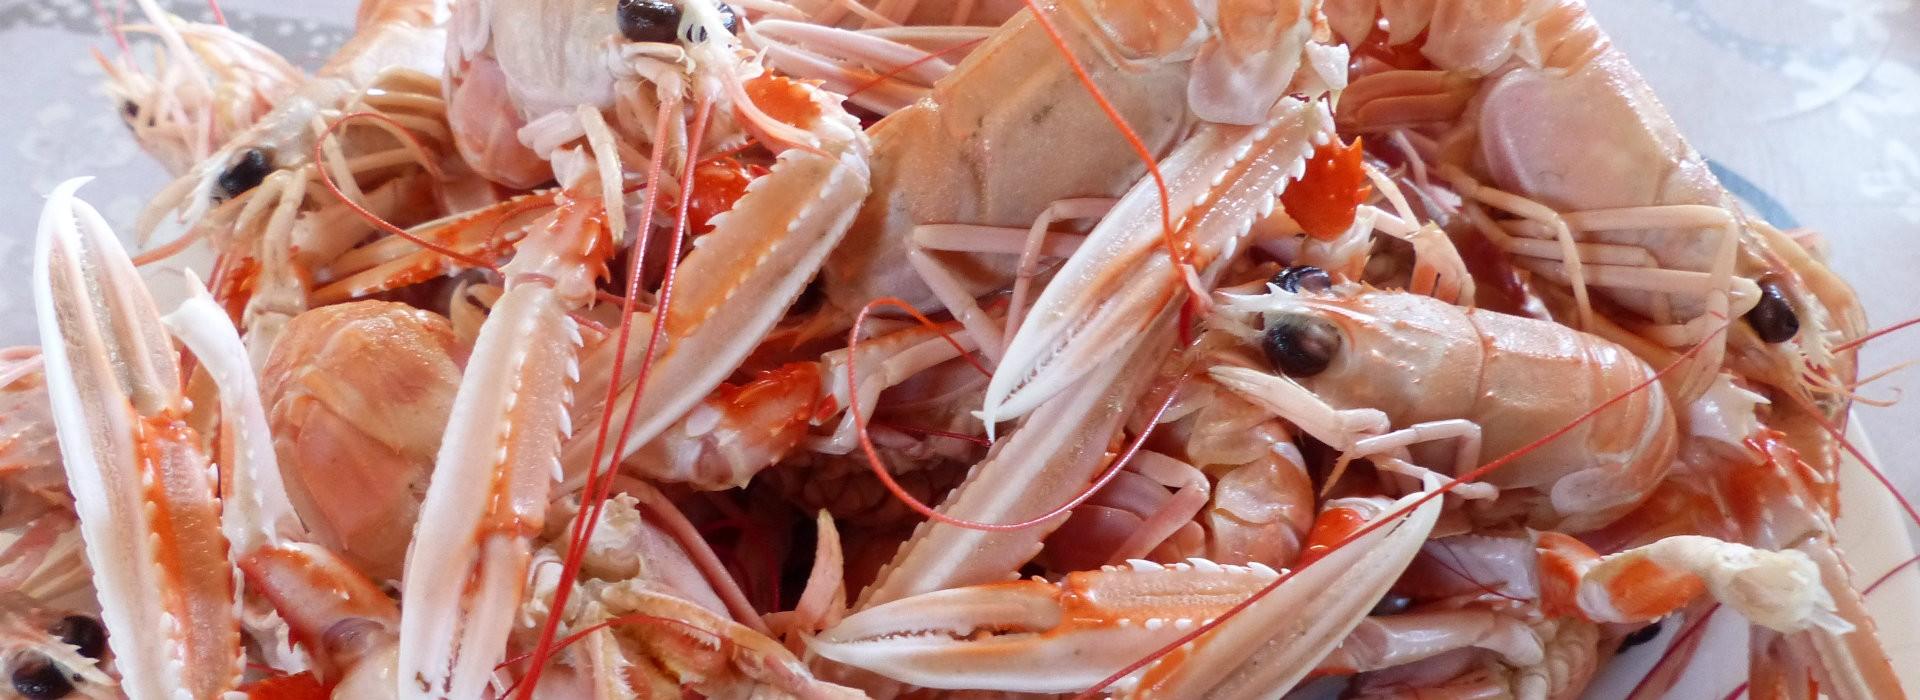 Restaurants et produits du terroir à Mesquer-Quimiac - OT La Baule Presqu'île de Guérande